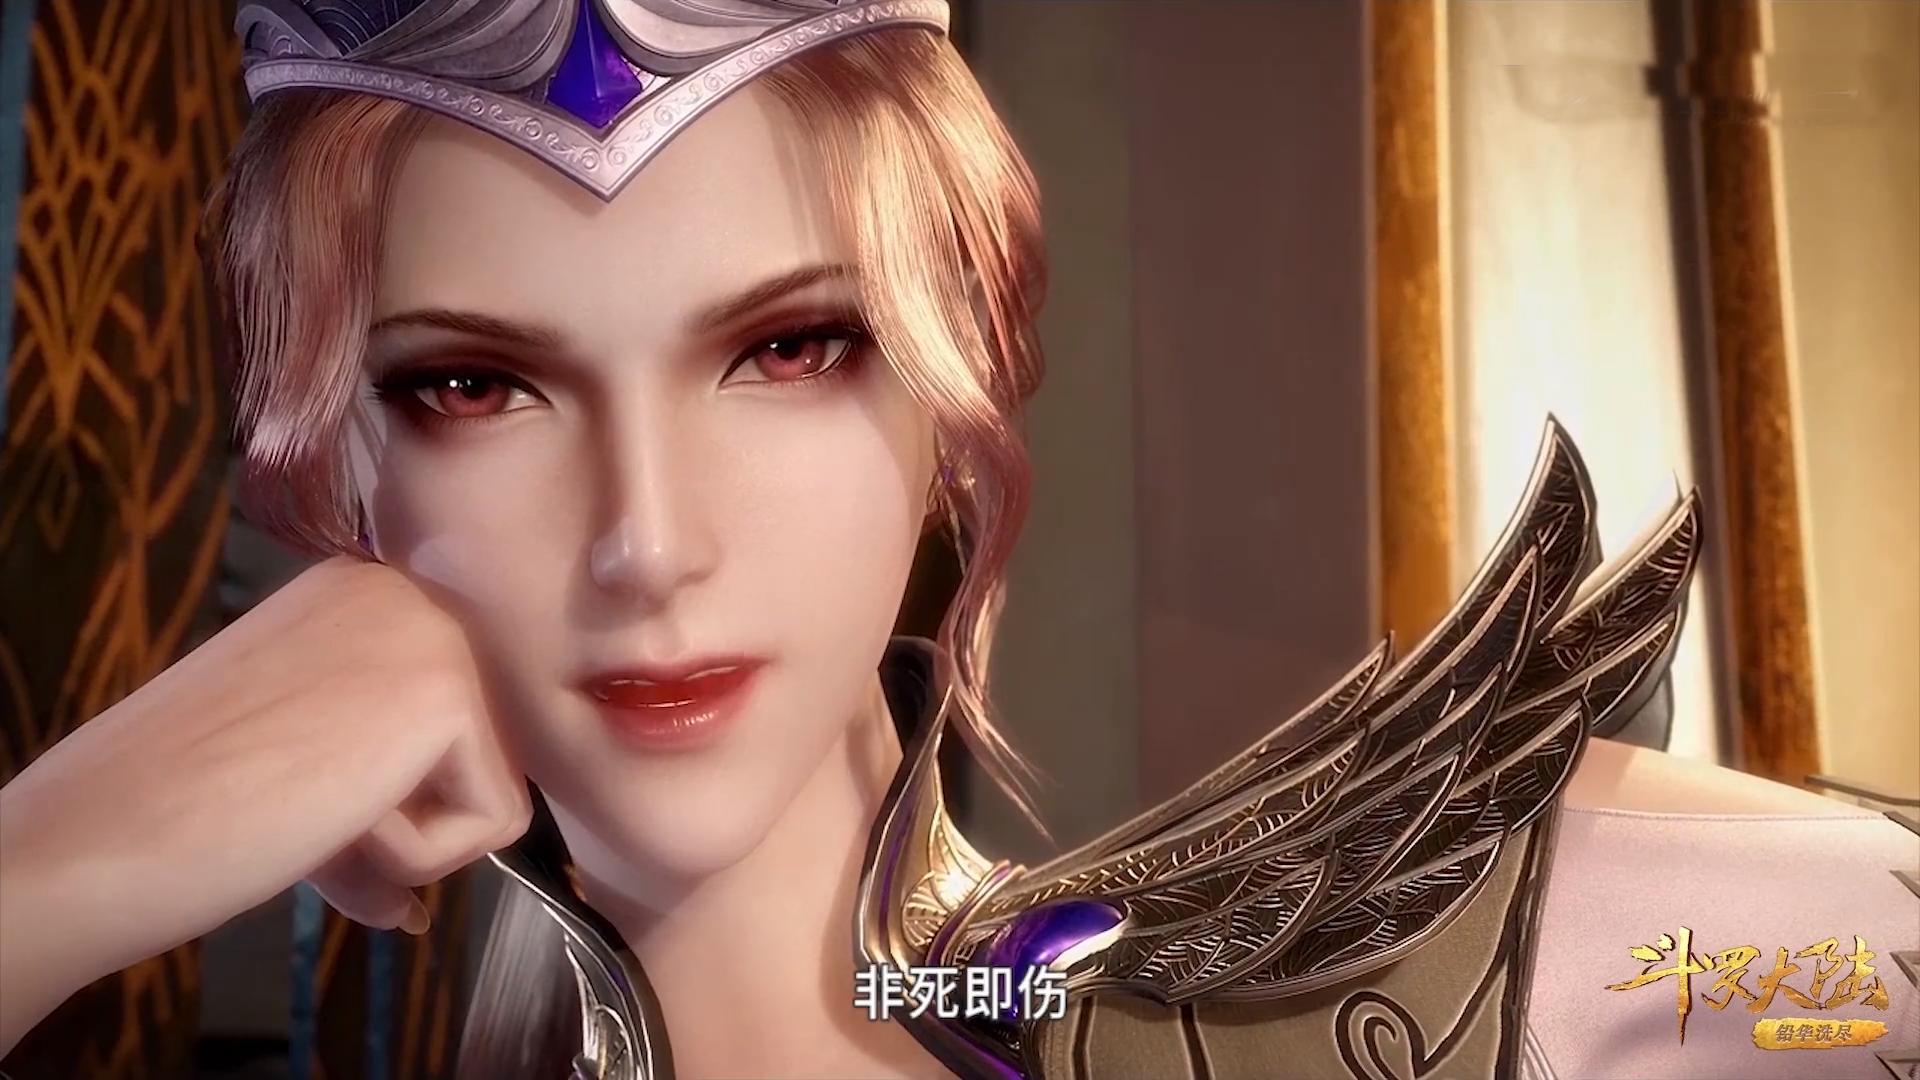 """千仞雪不叫比比東""""媽媽"""",叫""""姐姐"""",多年的心酸,只有她懂得"""